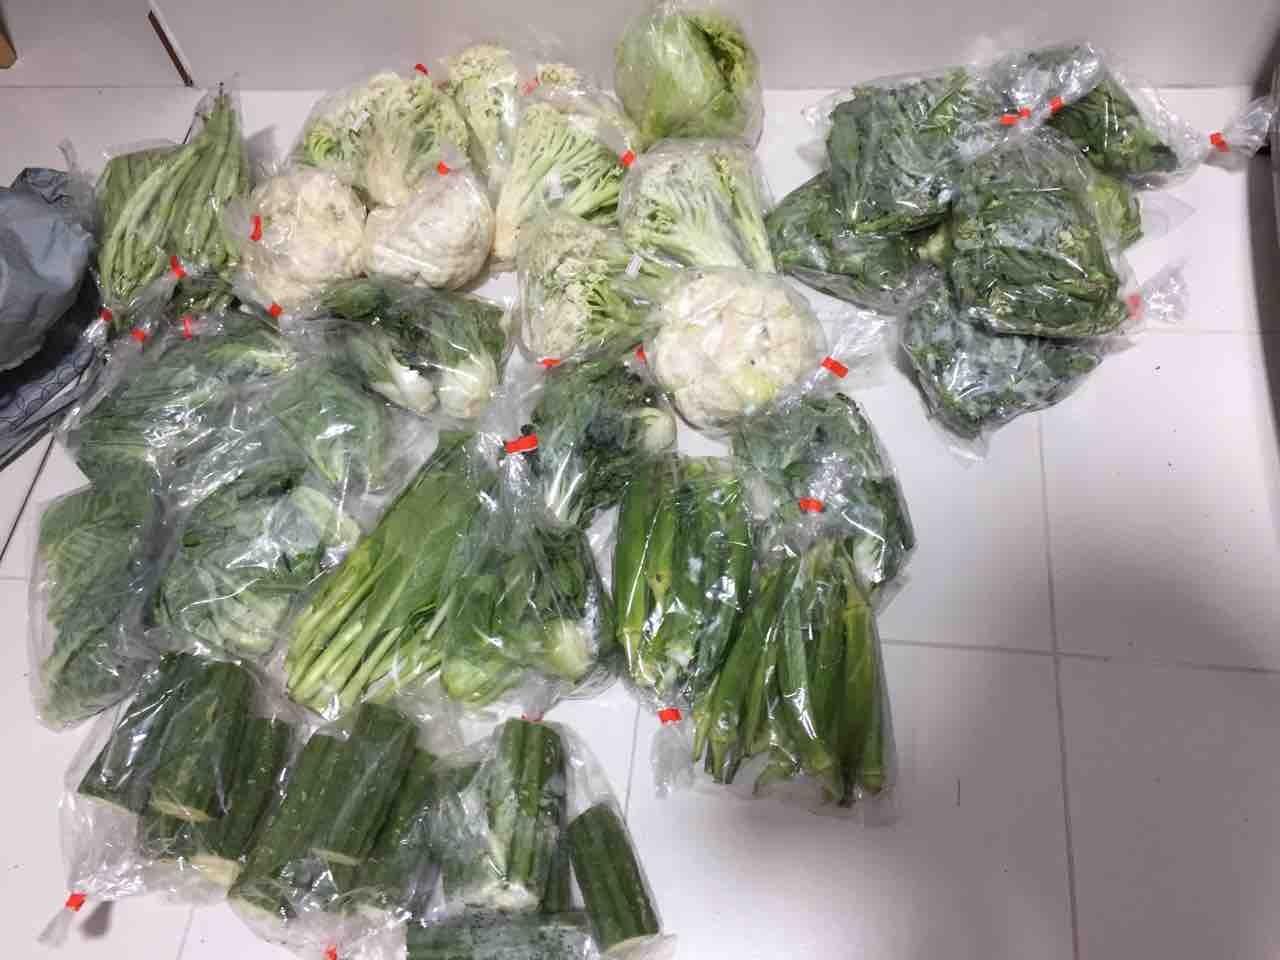 Rescued vegetables